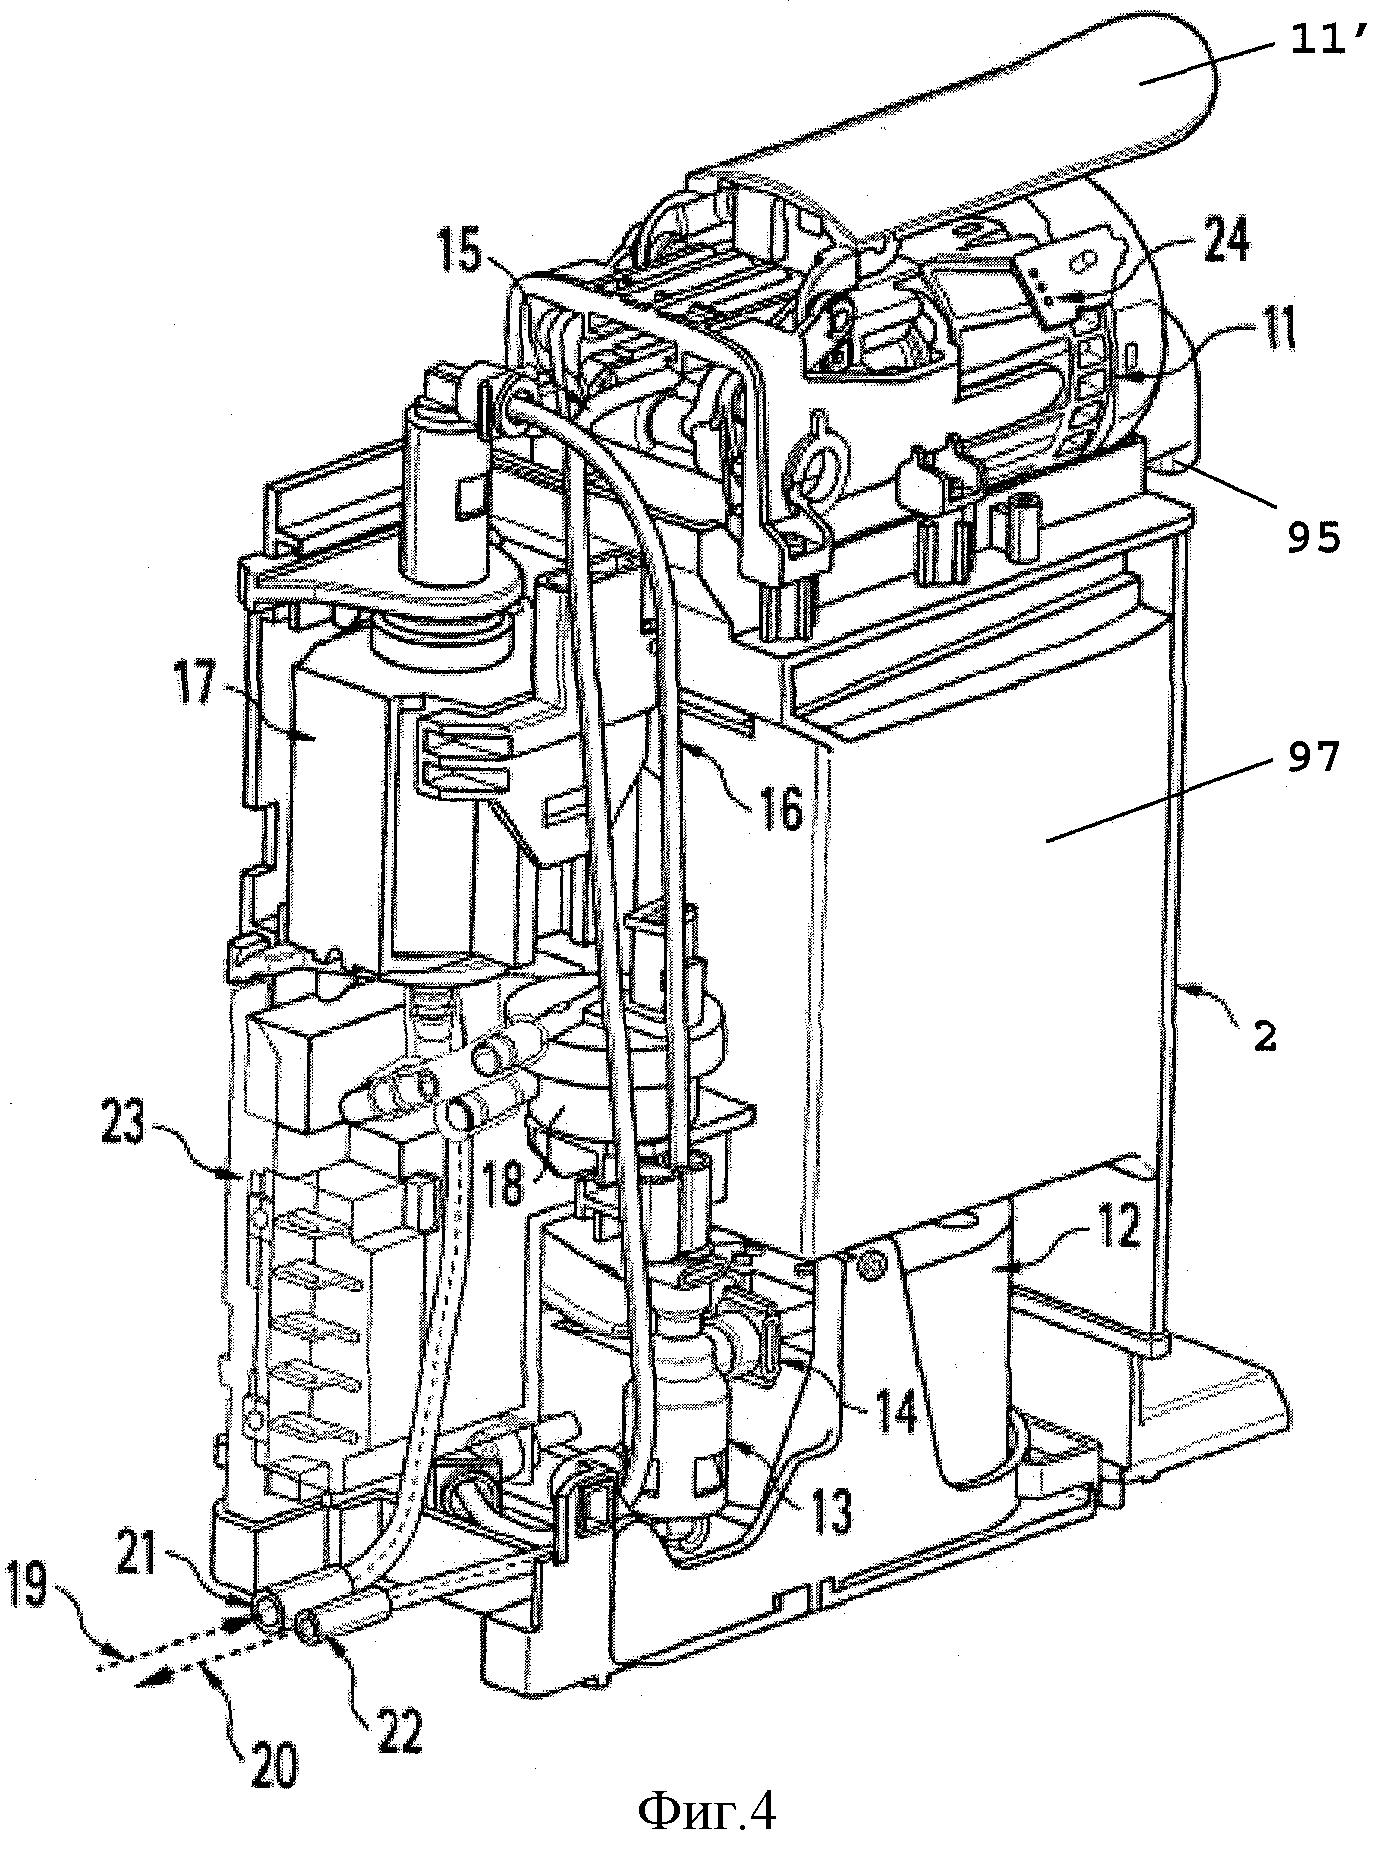 Машина, комбинируемая со вспомогательными устройствами, для приготовления жидкой еды или напитков